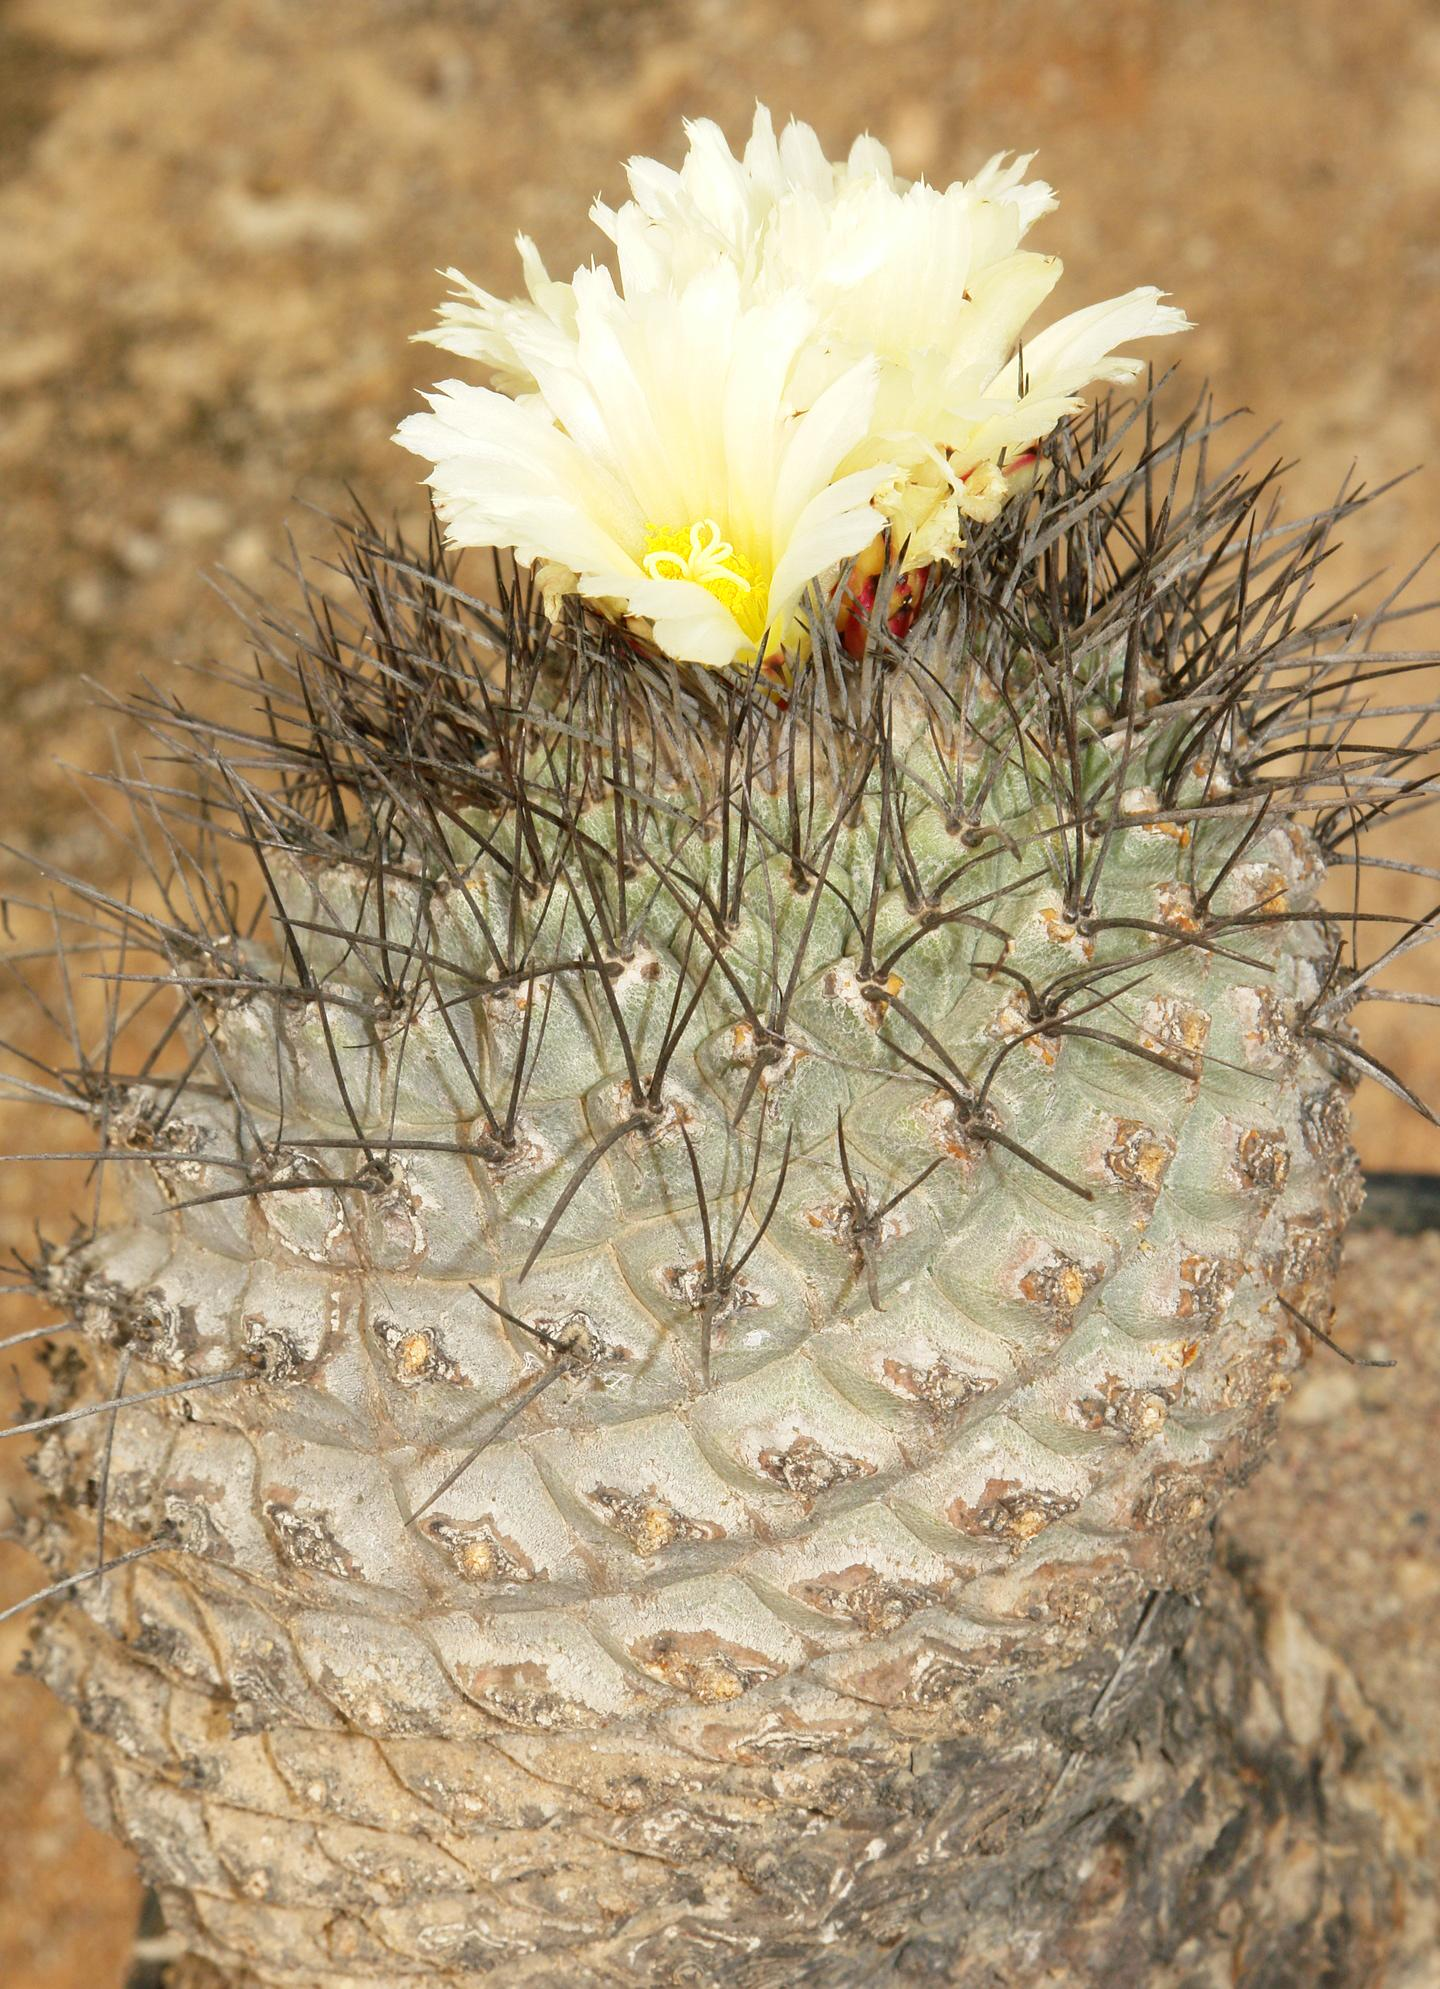 Strombocactus corregiodorae